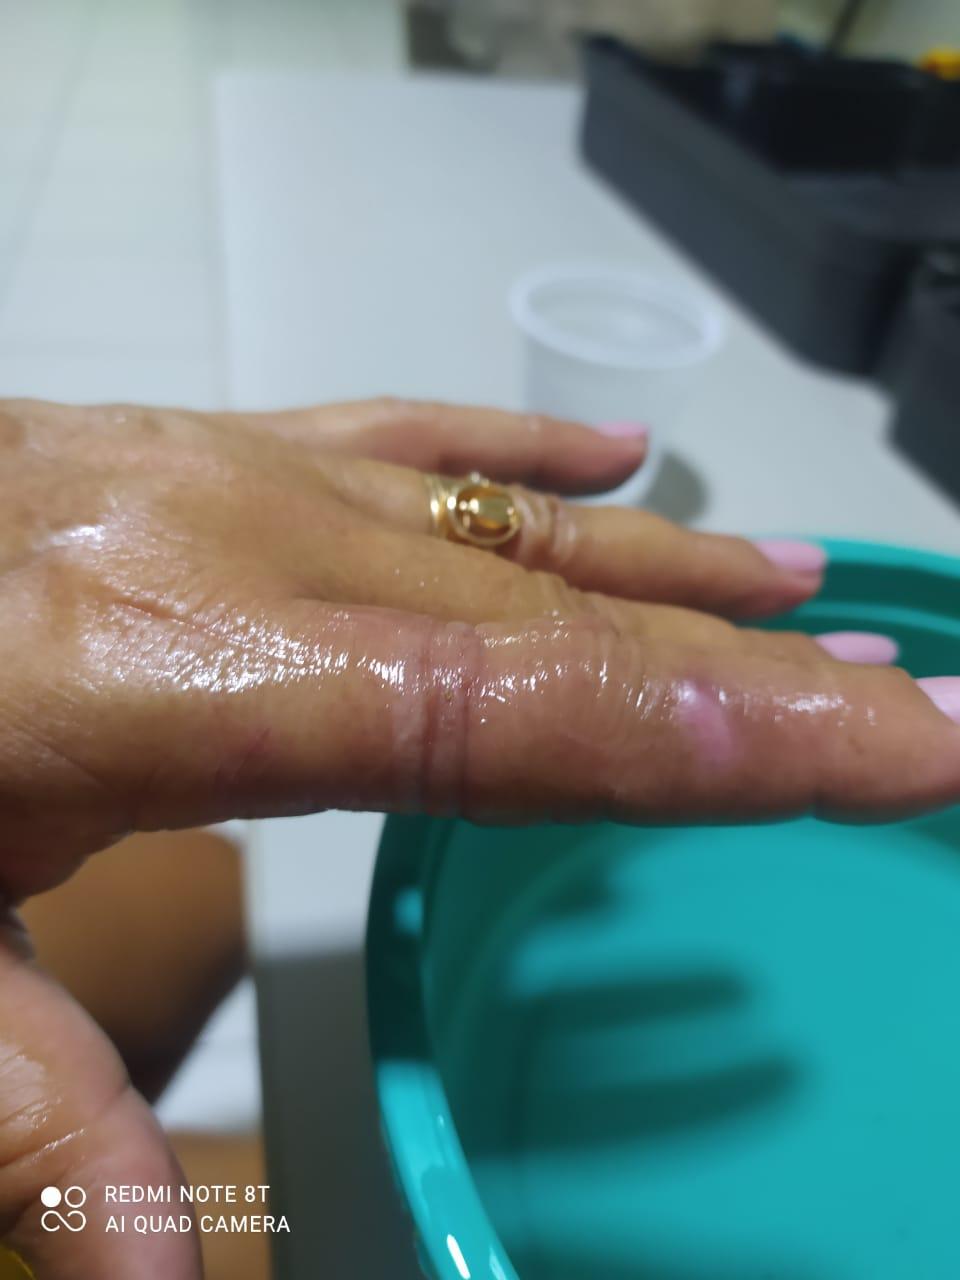 Bombeiros retiram anel preso em dedo